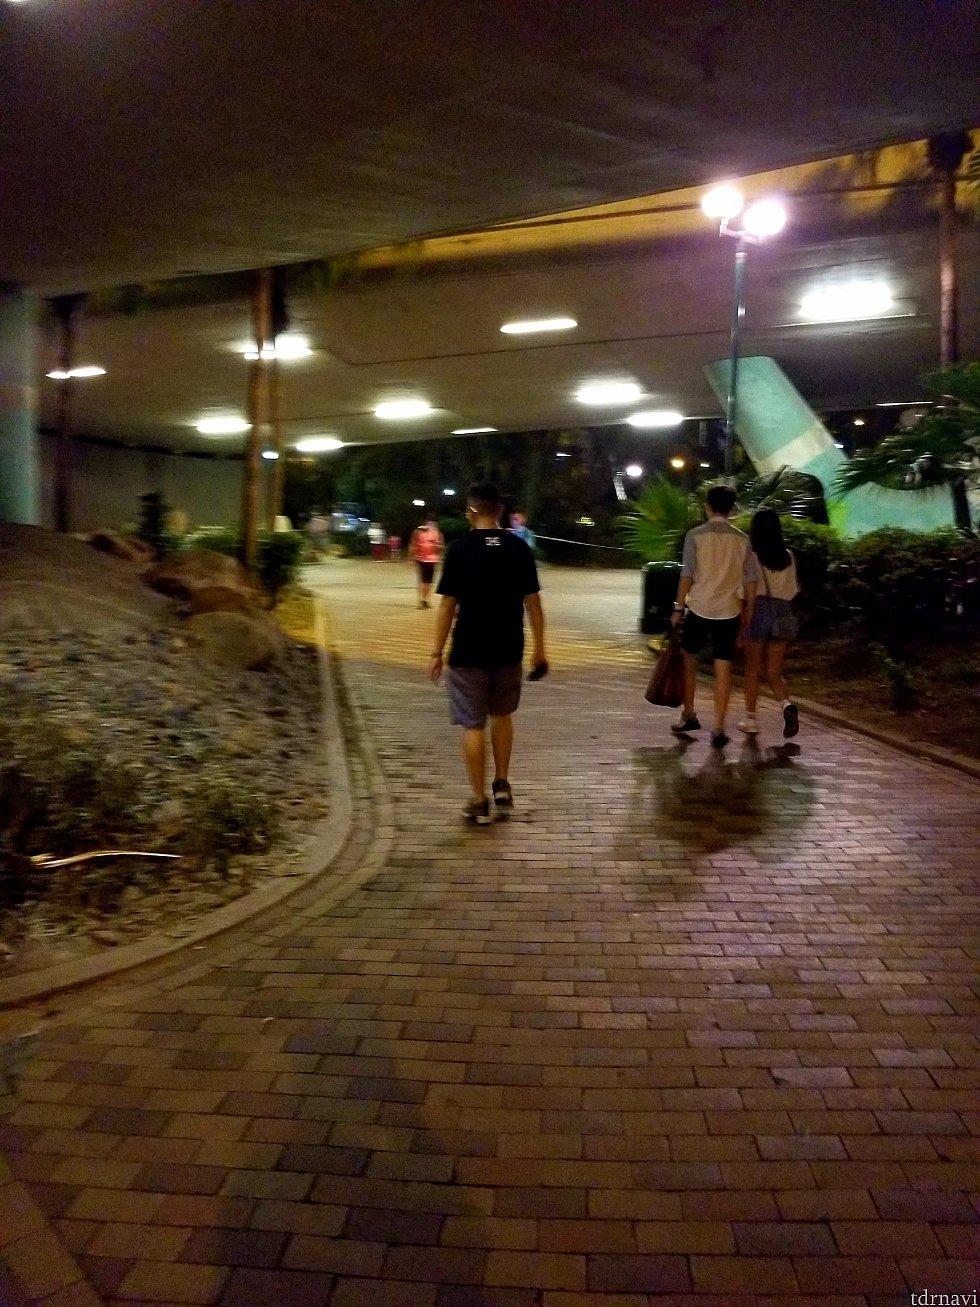 いきなり夜でごめんなさい😣上写真を道なりに歩いていたら道路下を通って向こう側に渡れる道があります